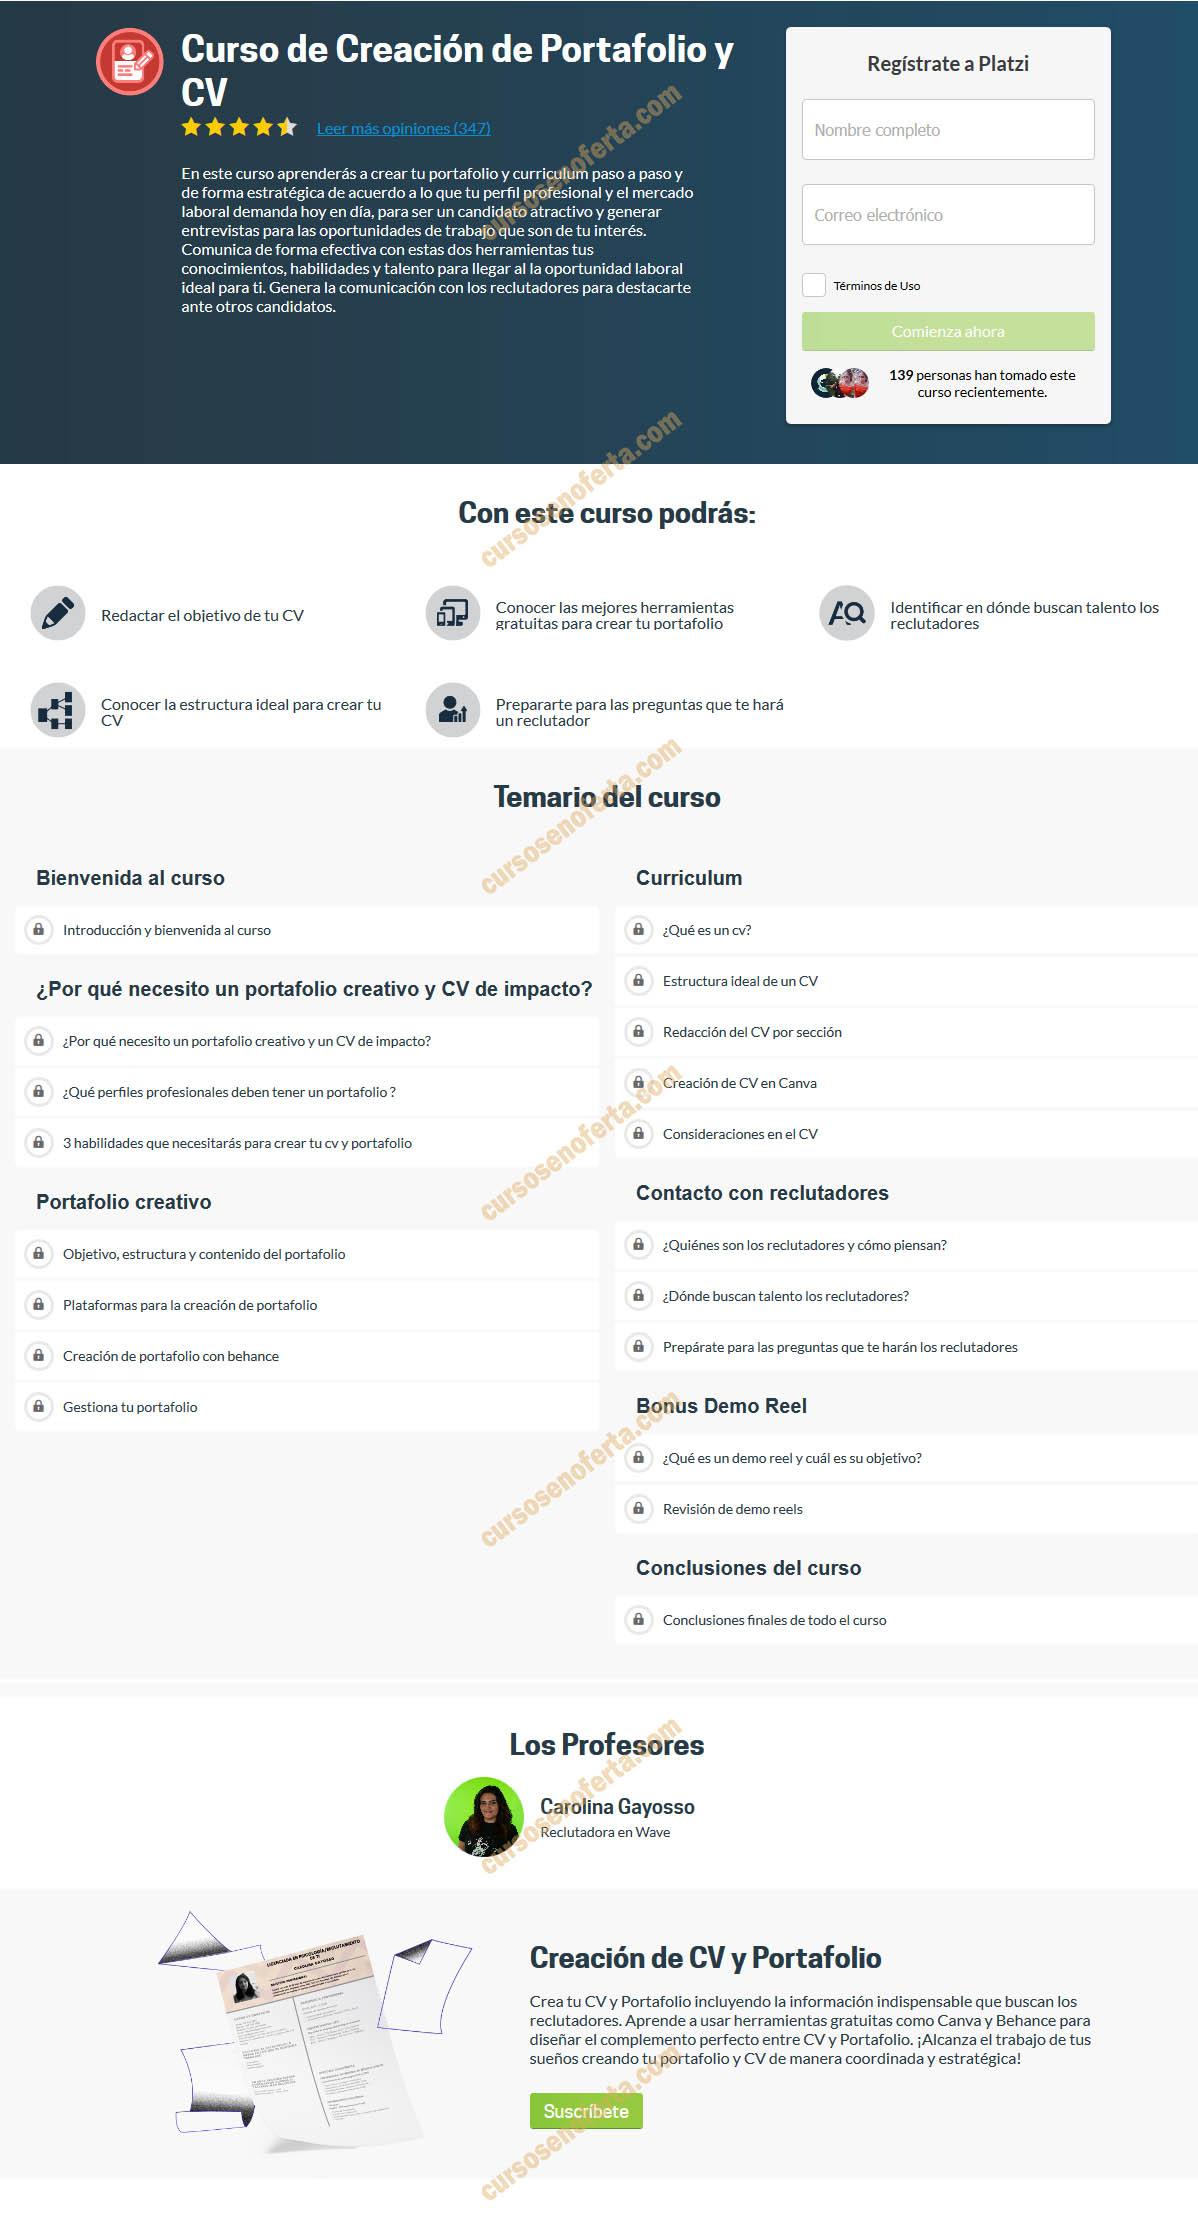 Curso de Creación de Portafolio y CV